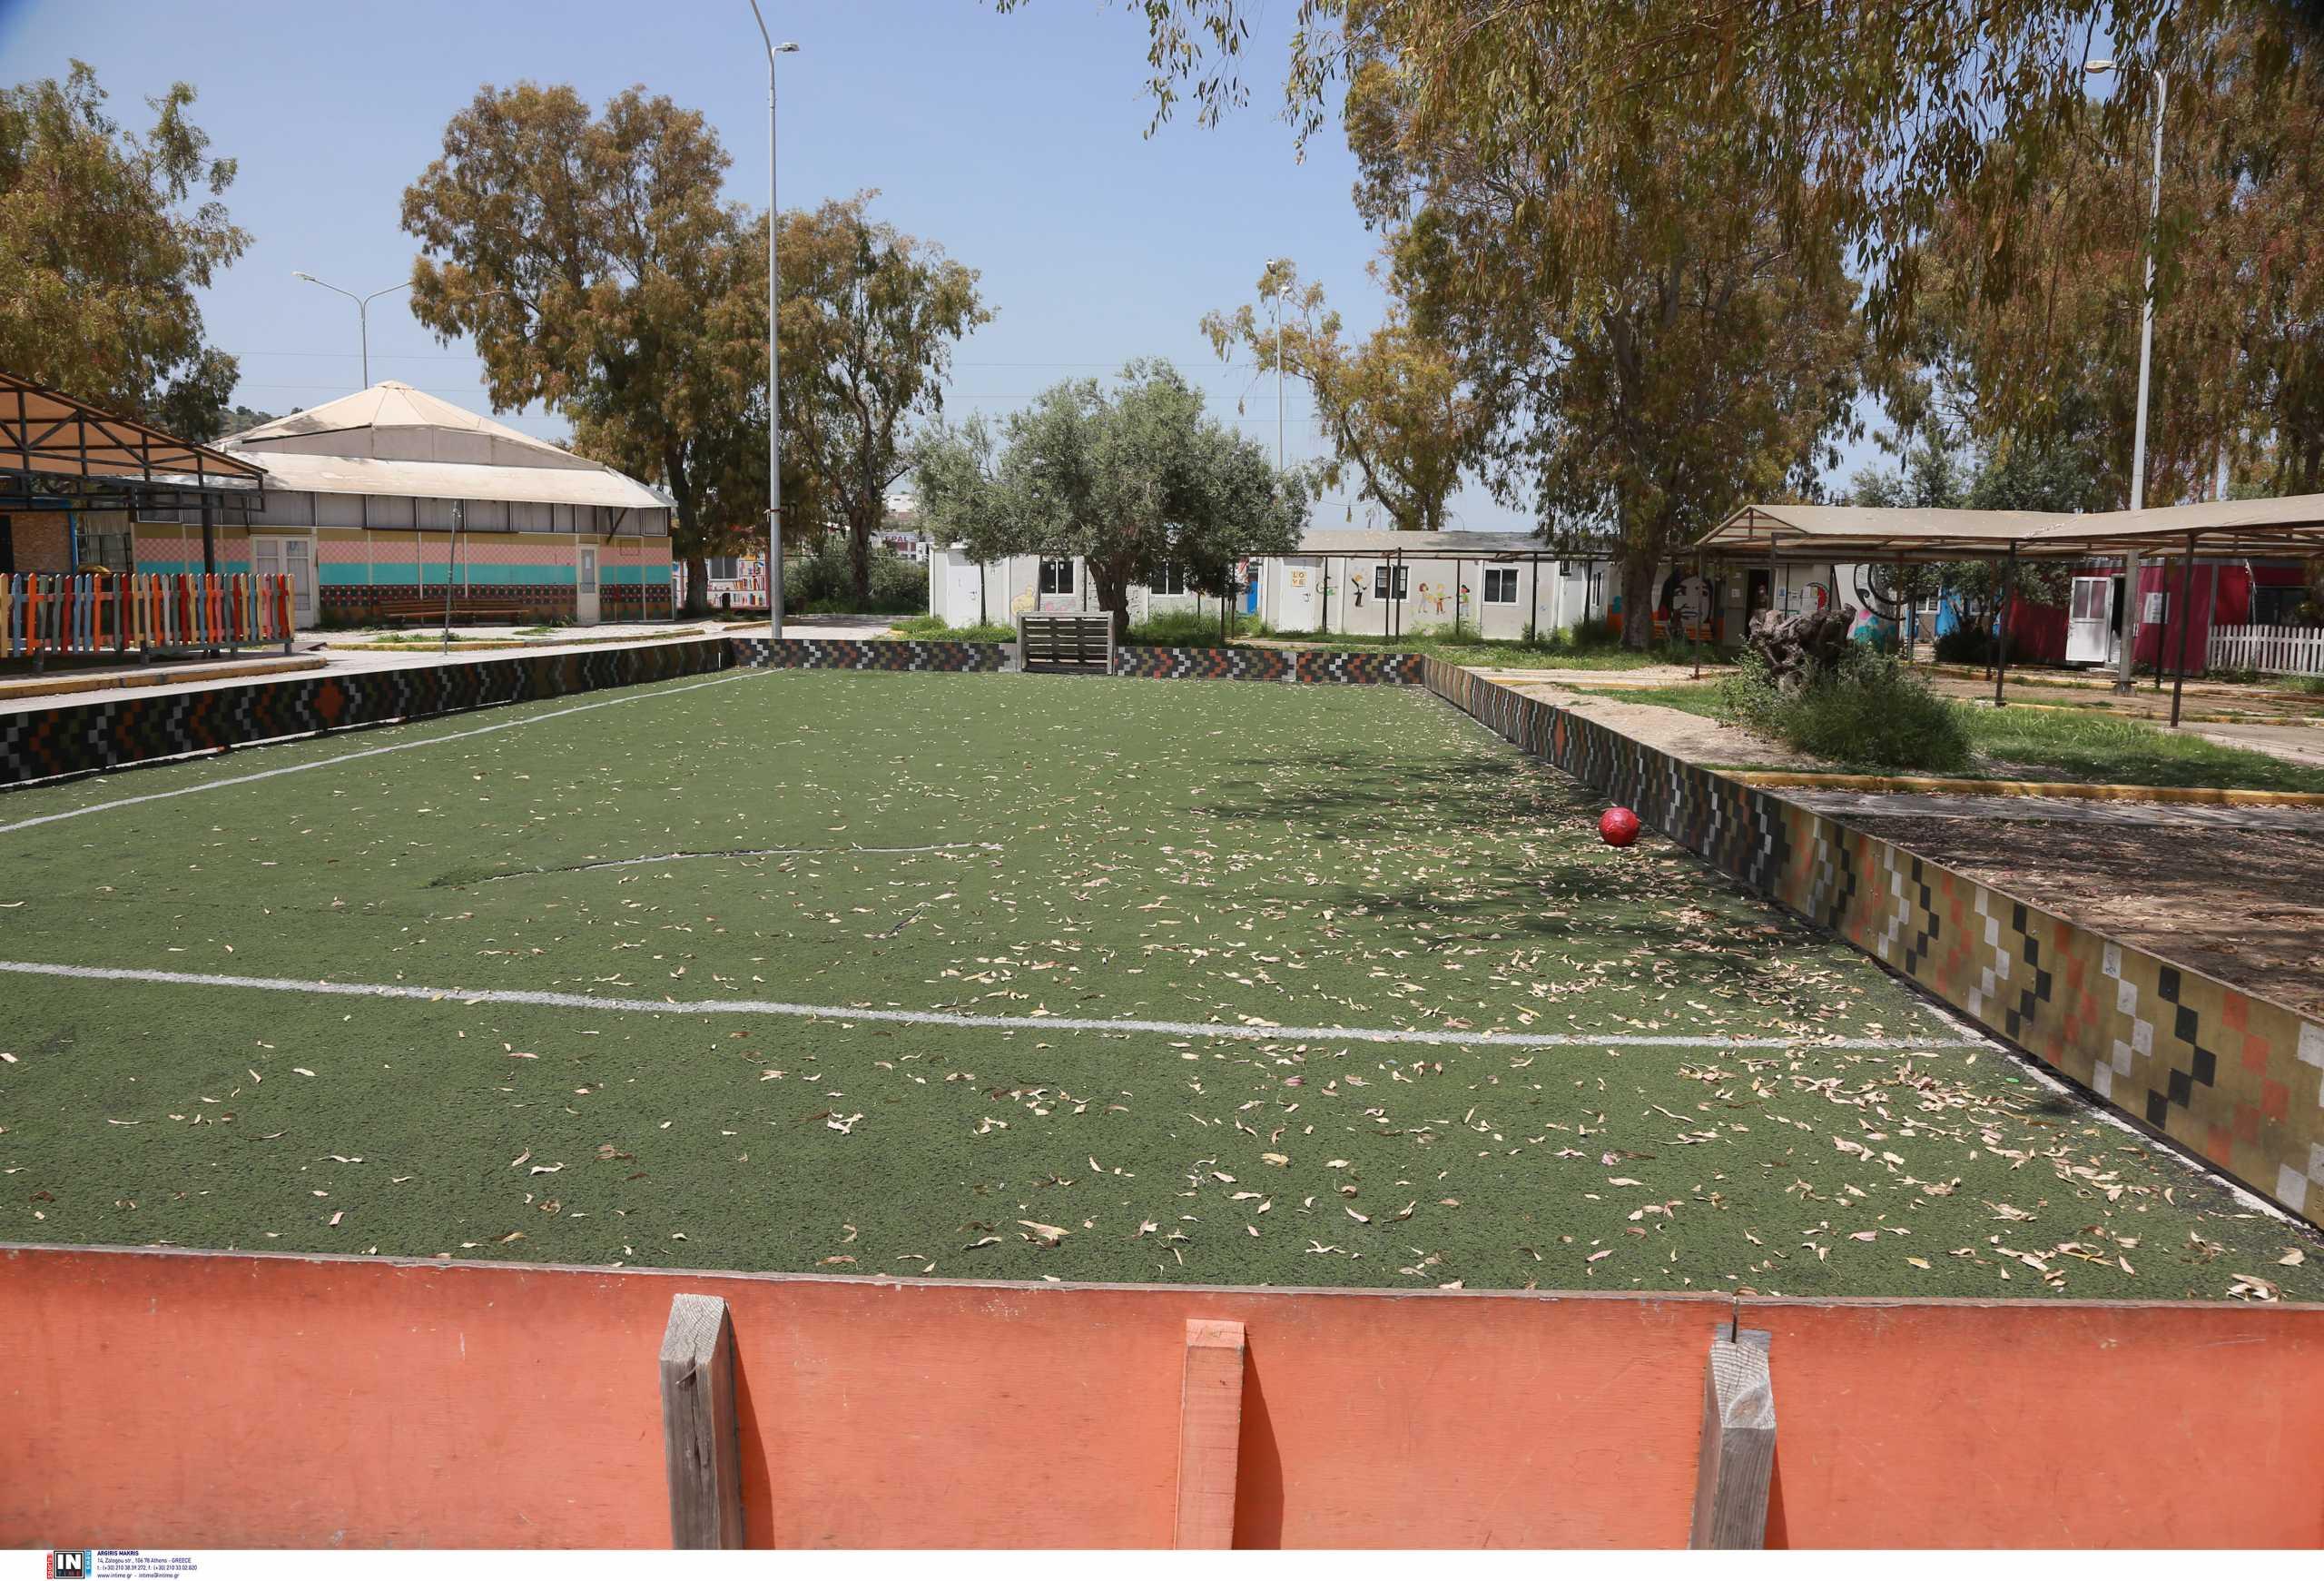 Έκλεισε και επισήμως το κέντρο μεταναστών στο Καρά Τεπέ – «Σημαντικό βήμα στην εθνική προσπάθεια αποσυμφόρησης των νησιών»